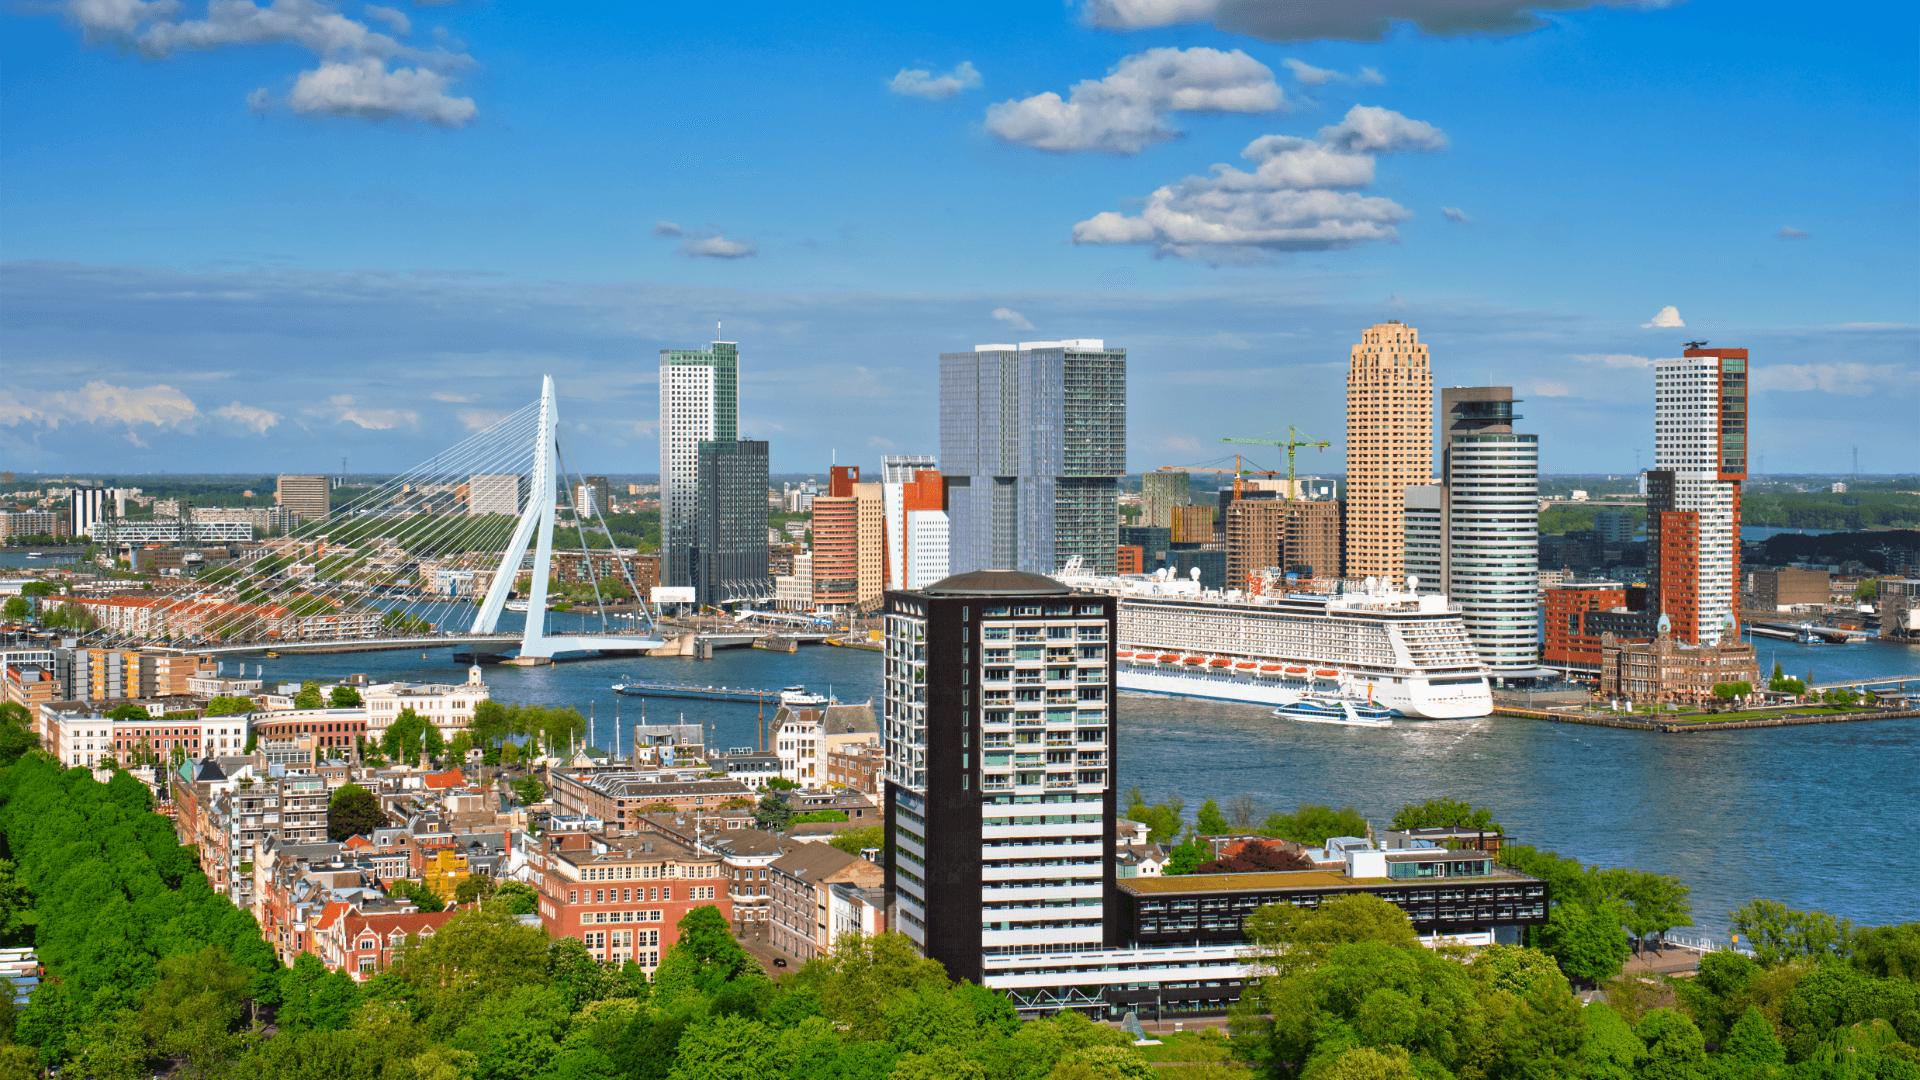 Her Köşesinde Yaratıcılığın Bir İzi, Rotterdam, Hollanda